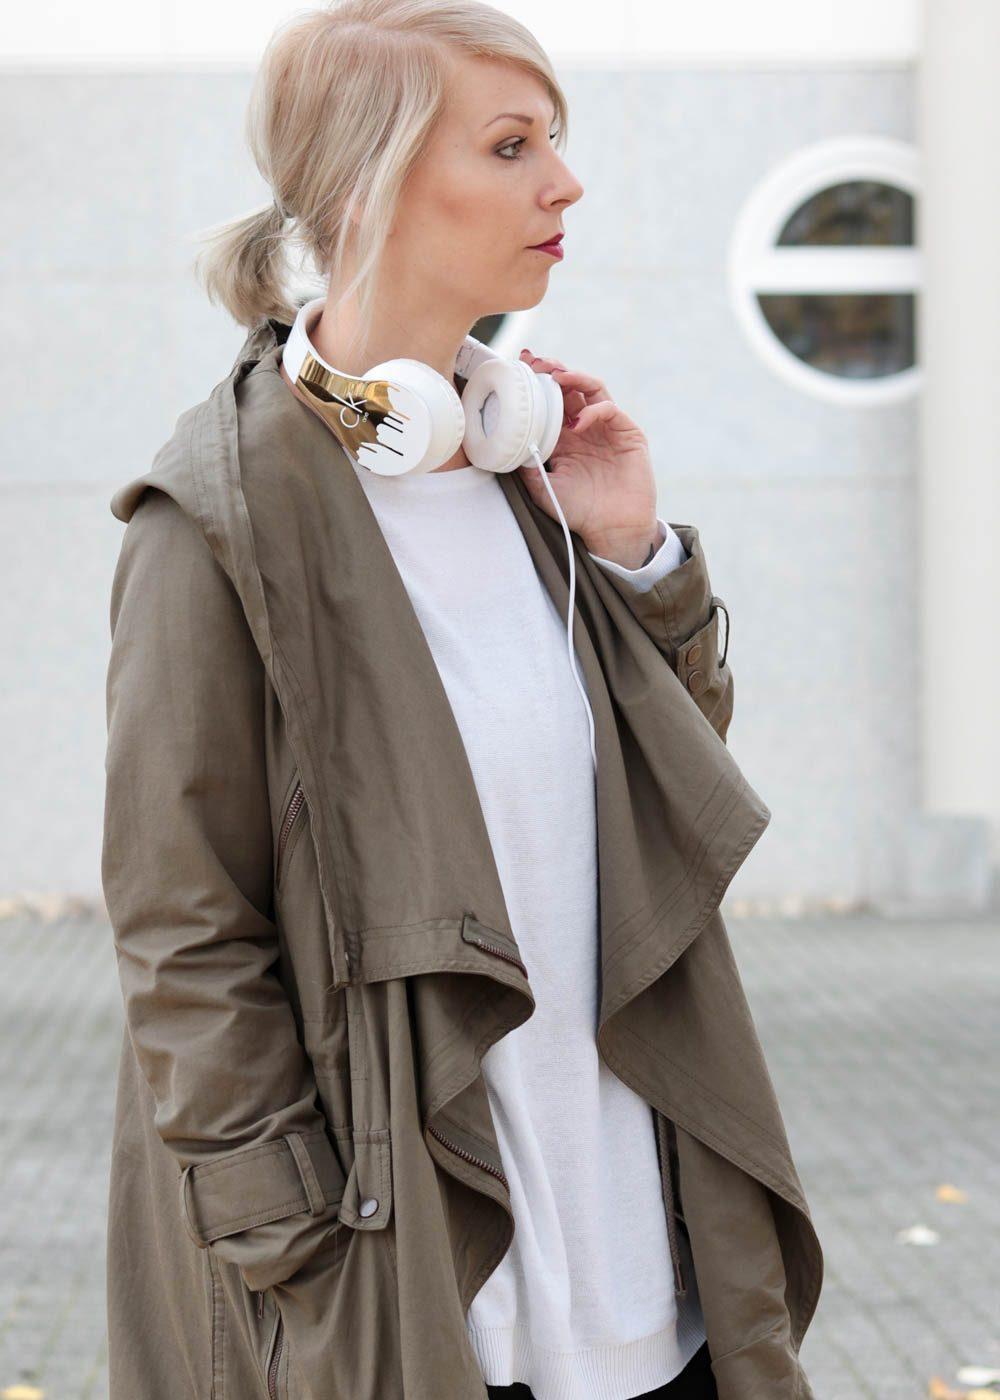 outfit-puma-fierce-weiss-gold-parka-asos-ck-kopfhoerer-7